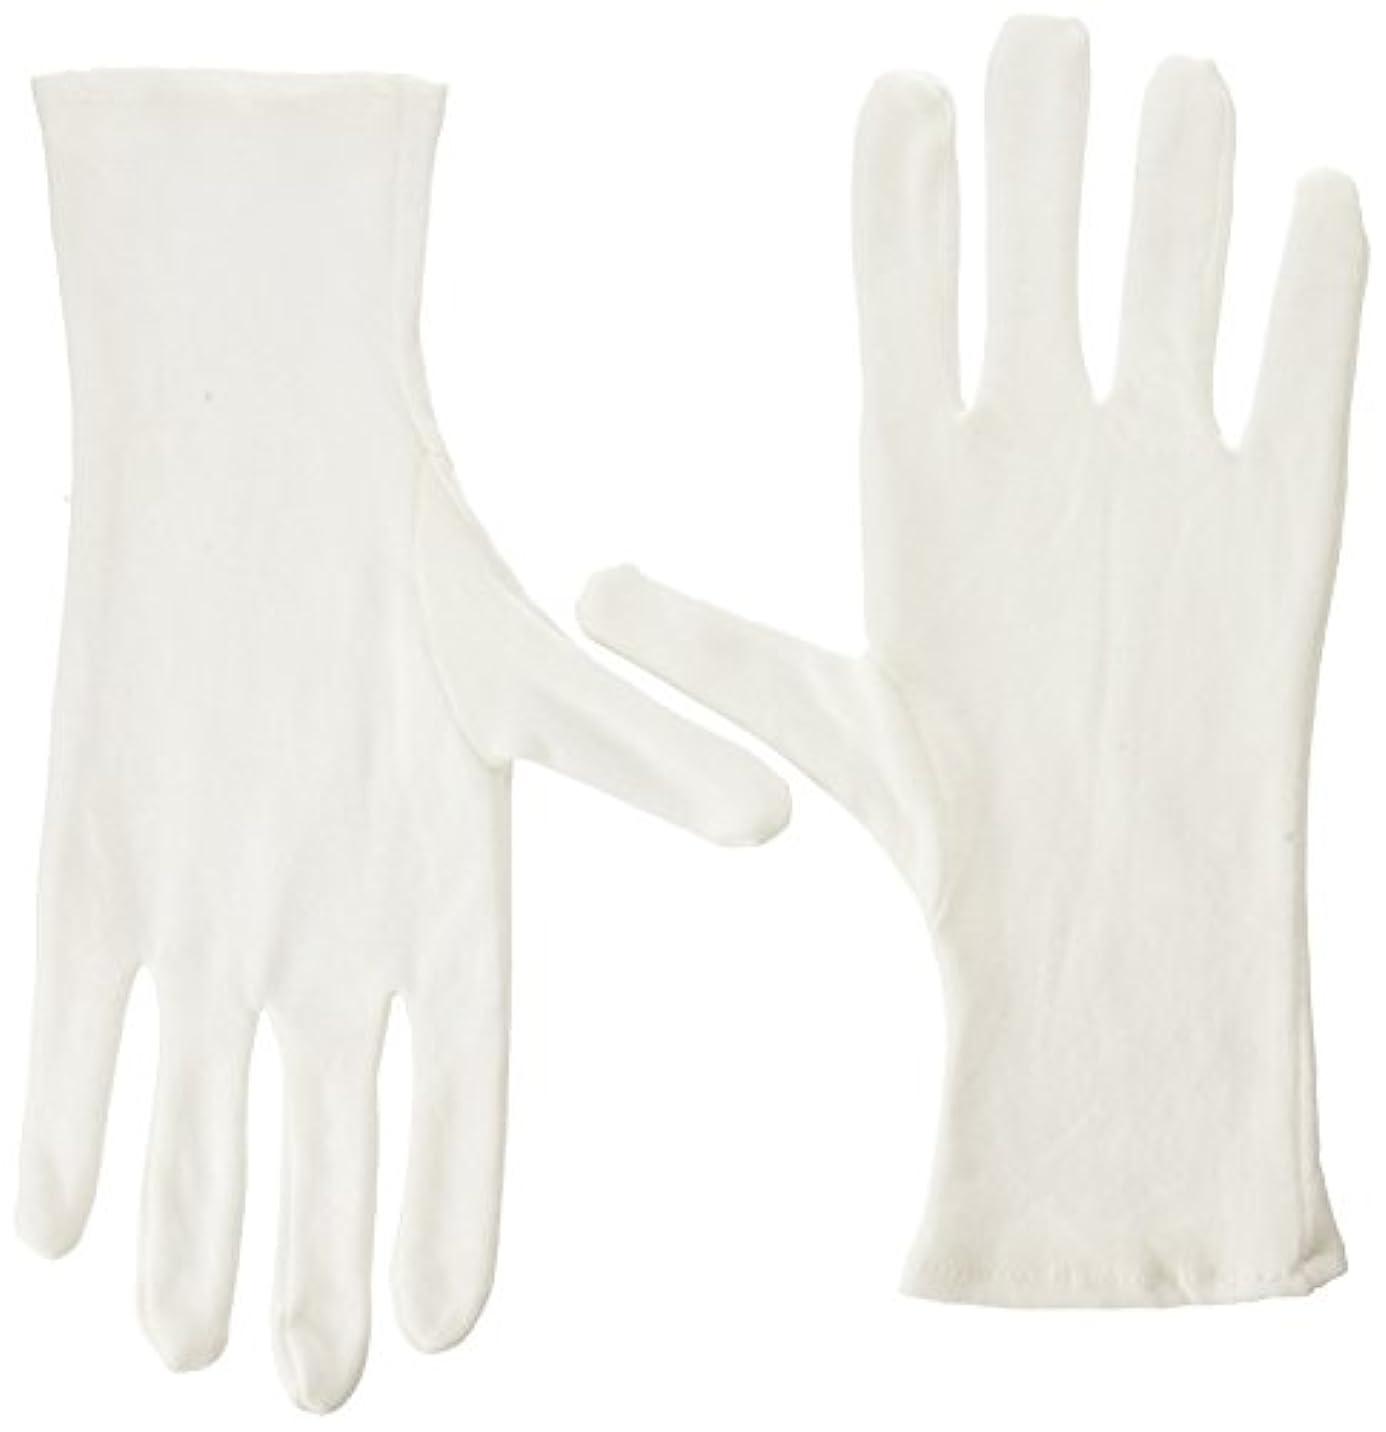 報奨金に関してフラッシュのように素早く綿スムス手袋 10双組